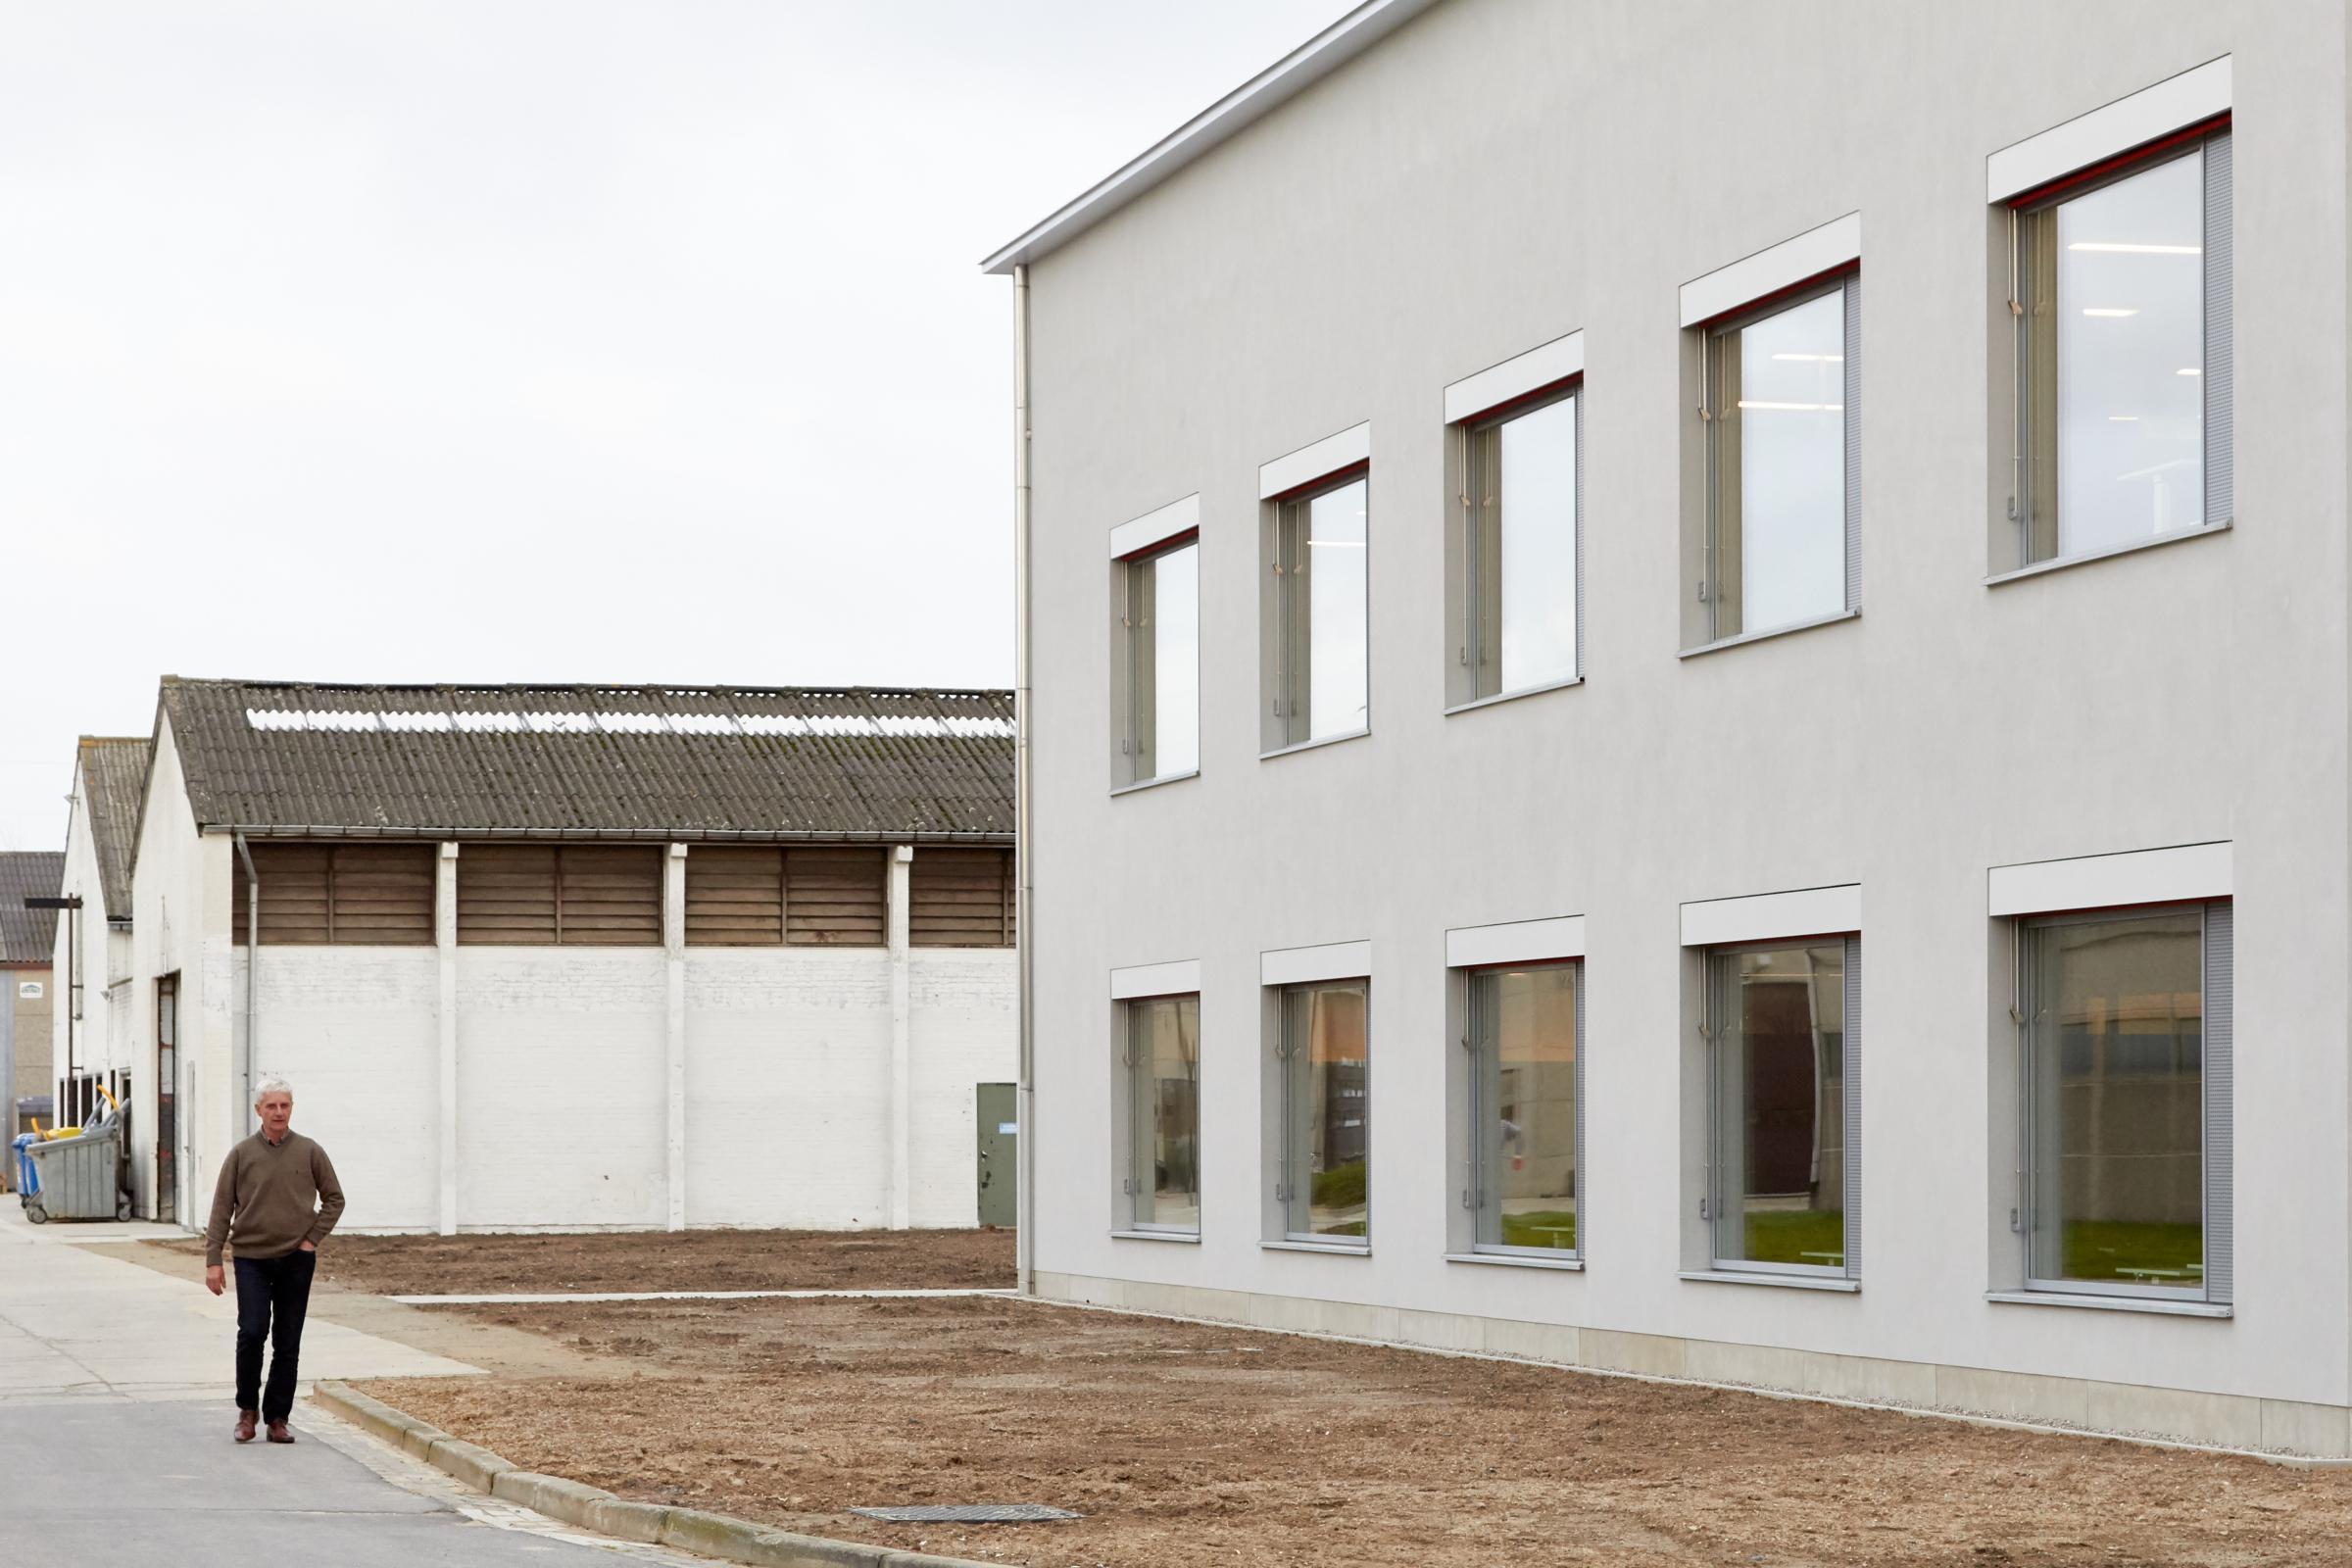 Het gebouw zoekt aanknoping met de utilitaire pragmatiek en esthetiek van de site